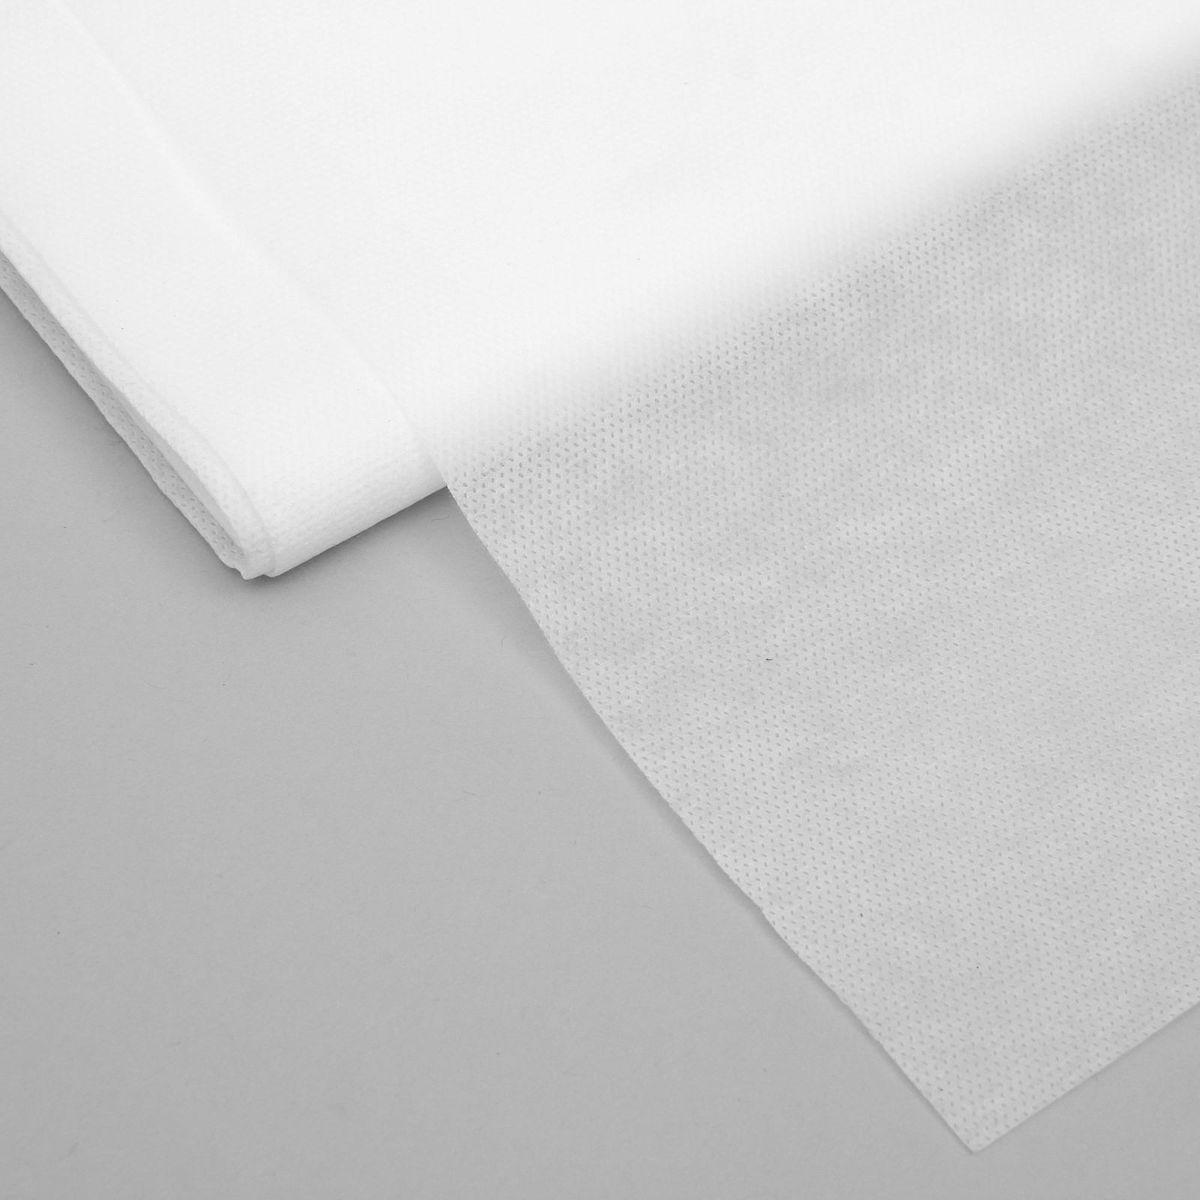 Чехол для парника, 6 секций, 8 х 2,1 м1092019Чехол предназначен для изготовления парника своими руками или для замены материала готового изделия. Цельная ткань плотностью 45 г,м? не имеет стыков и соединений. Она разделена на 6 секций простроченными каналами для дуг. Чтобы смастерить парник своими руками, вам понадобятся также клипсы и крестообразные ножки.